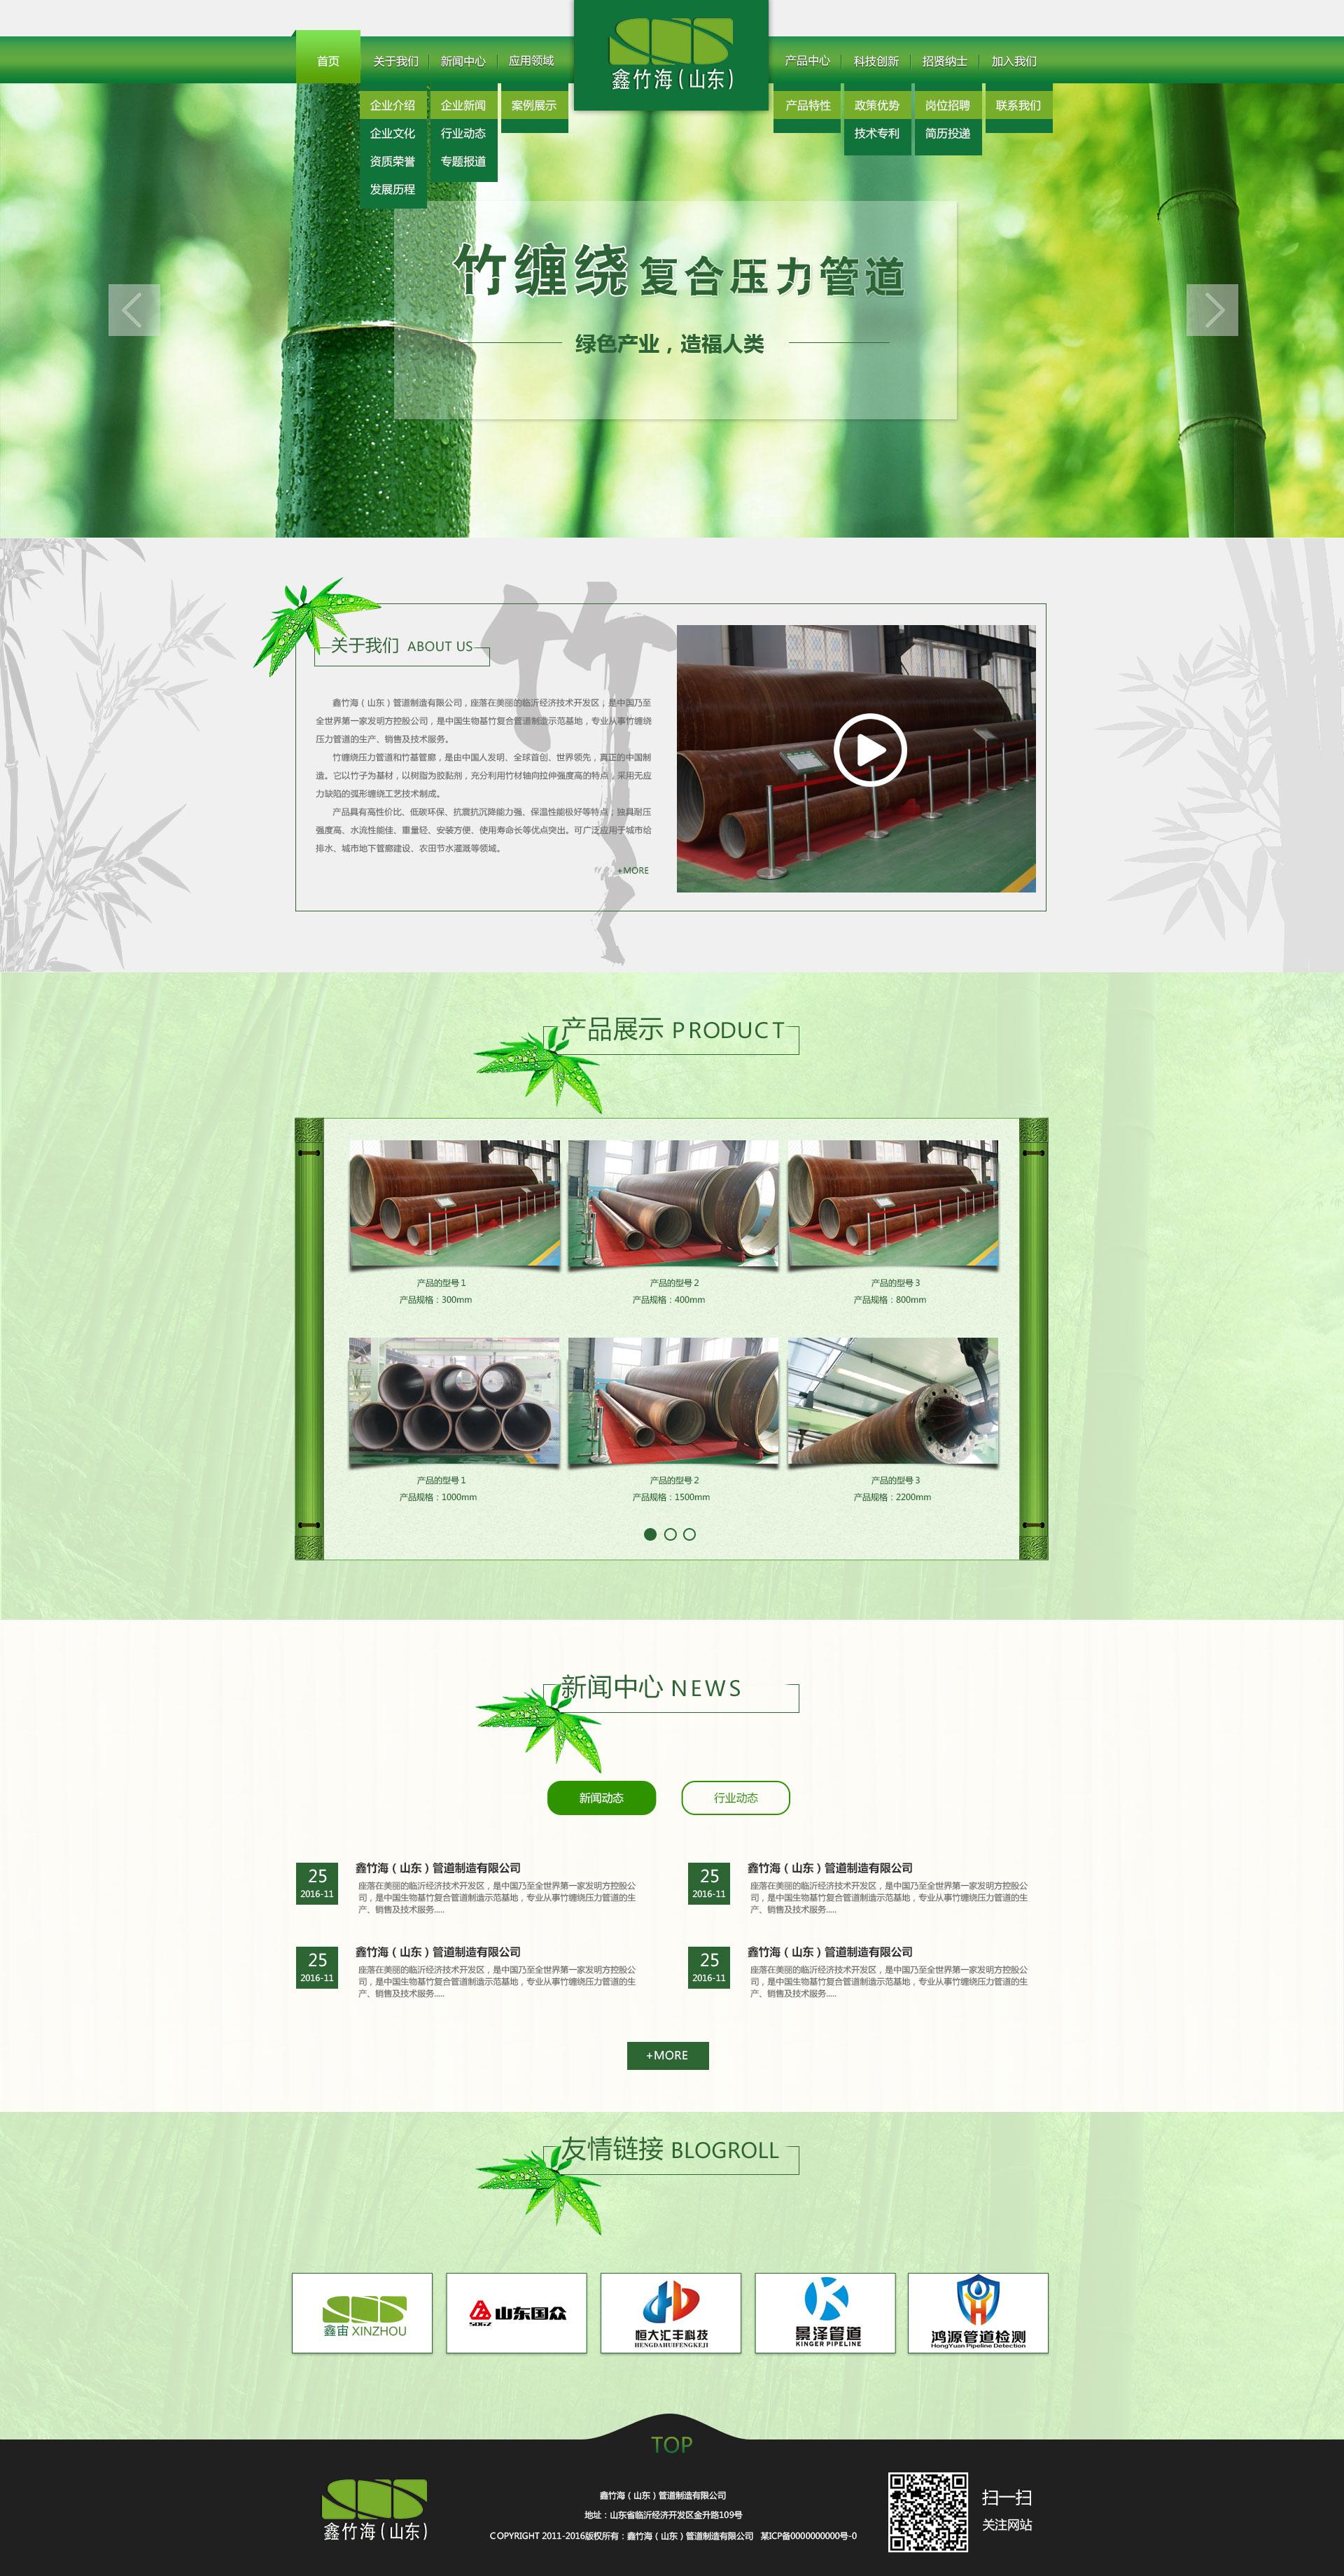 绿色的工业生产材料企业网站模板html下载